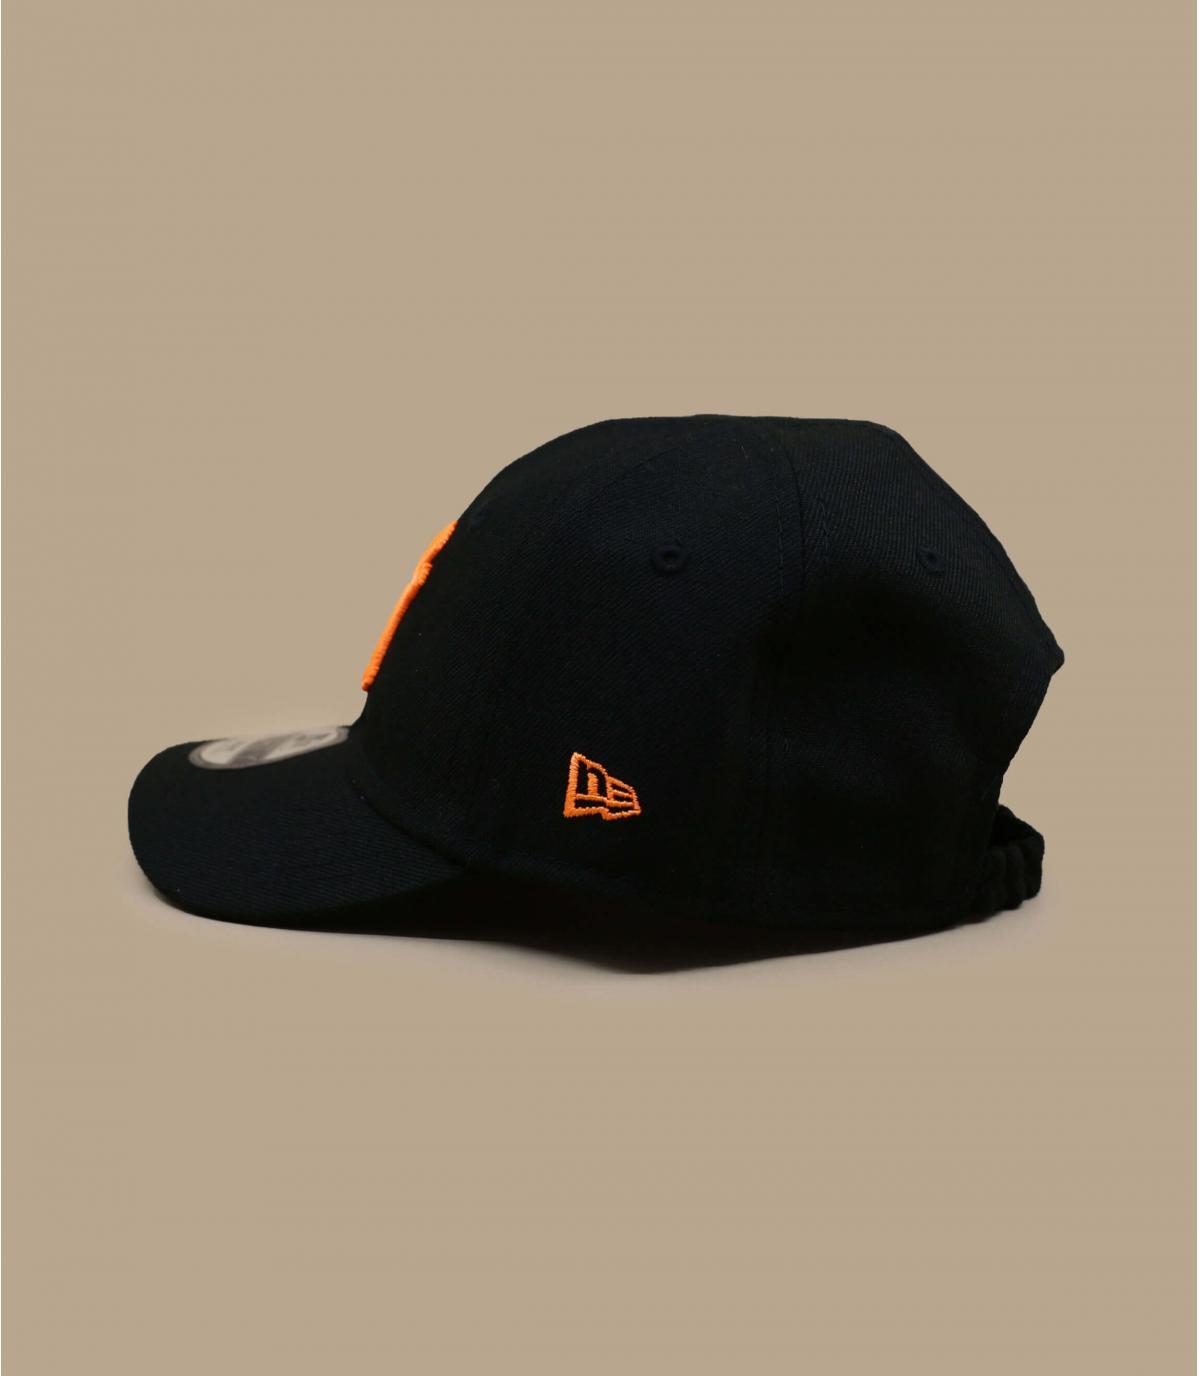 Détails Casquette Baby Neon Pack NY 940 black orange - image 2